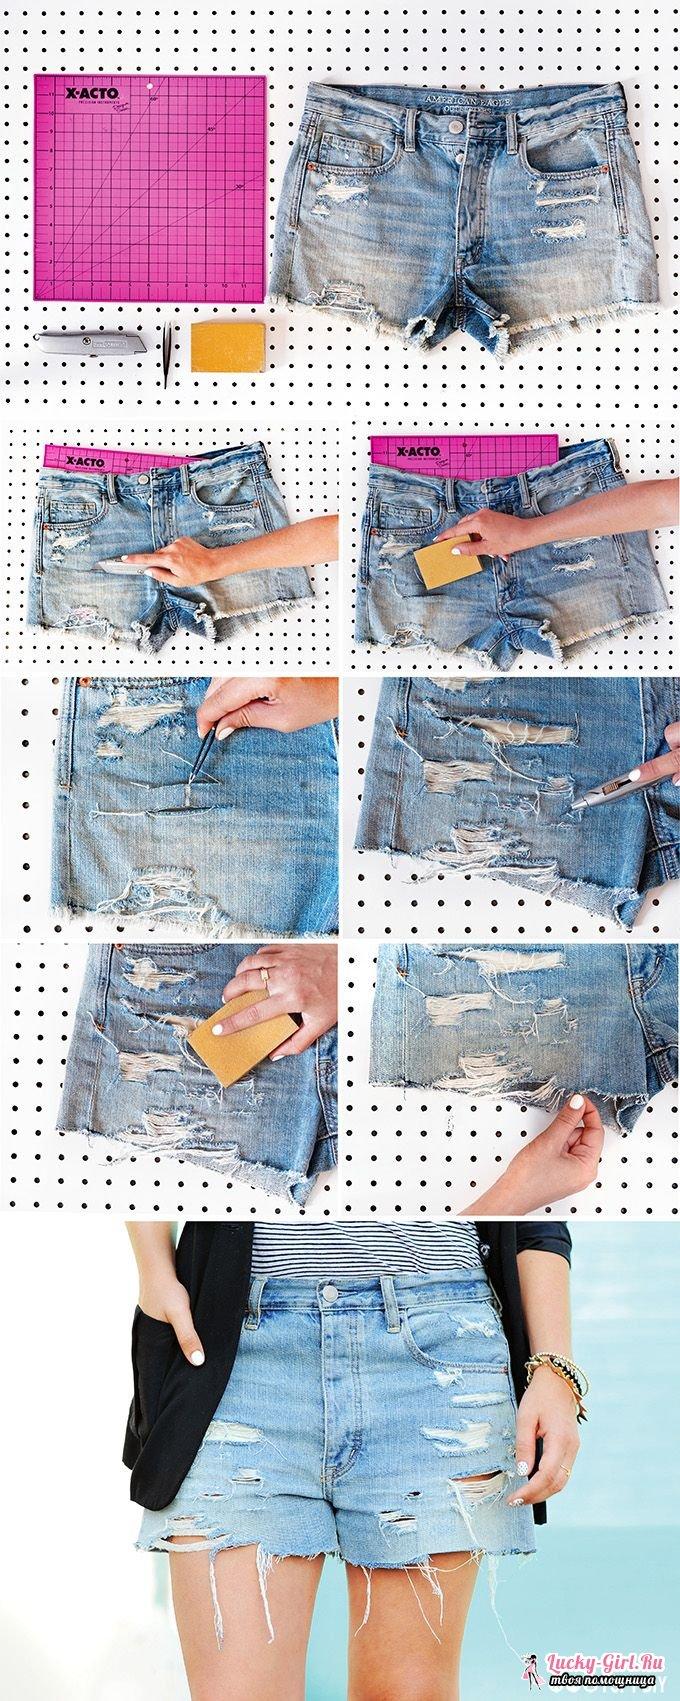 Как сделать рваные шорты? Рваные шорты: фото и идеи по отделке